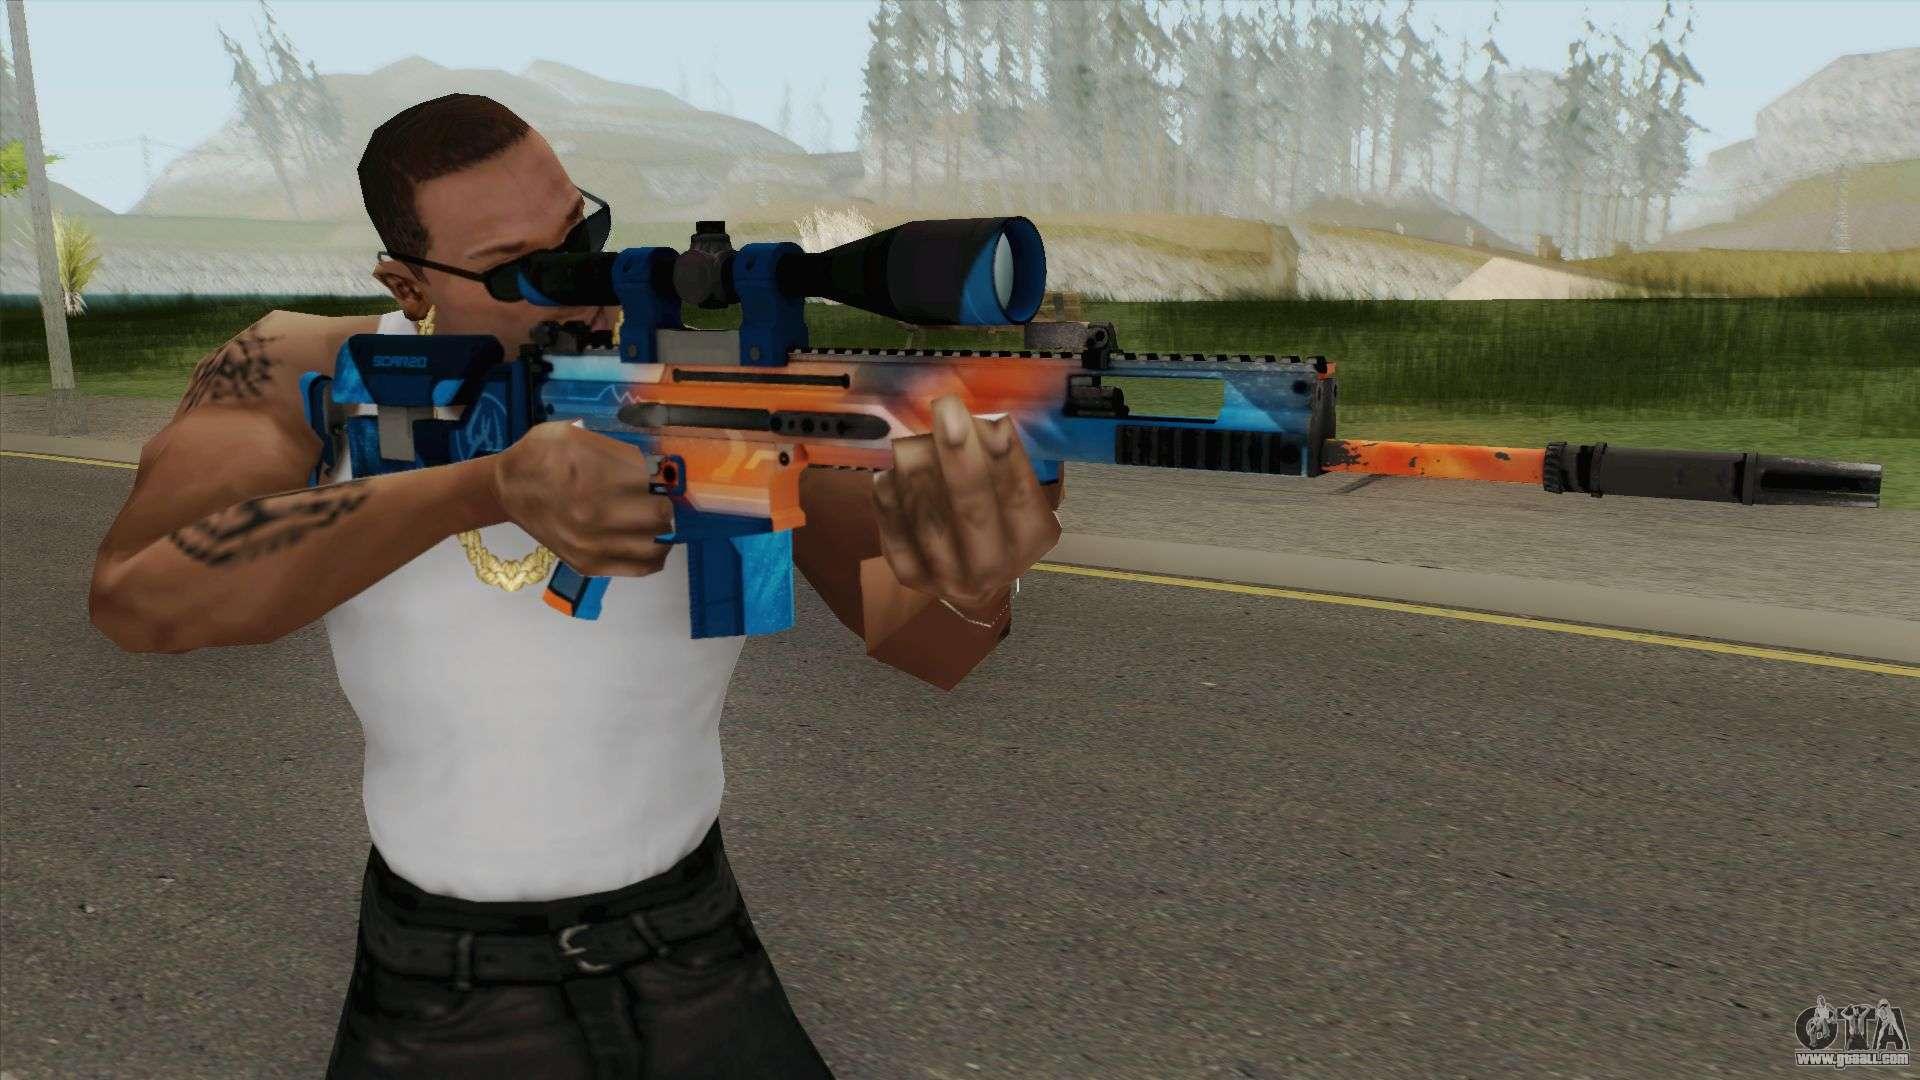 CS-GO SCAR-20 (Intervention Skin) For GTA San Andreas